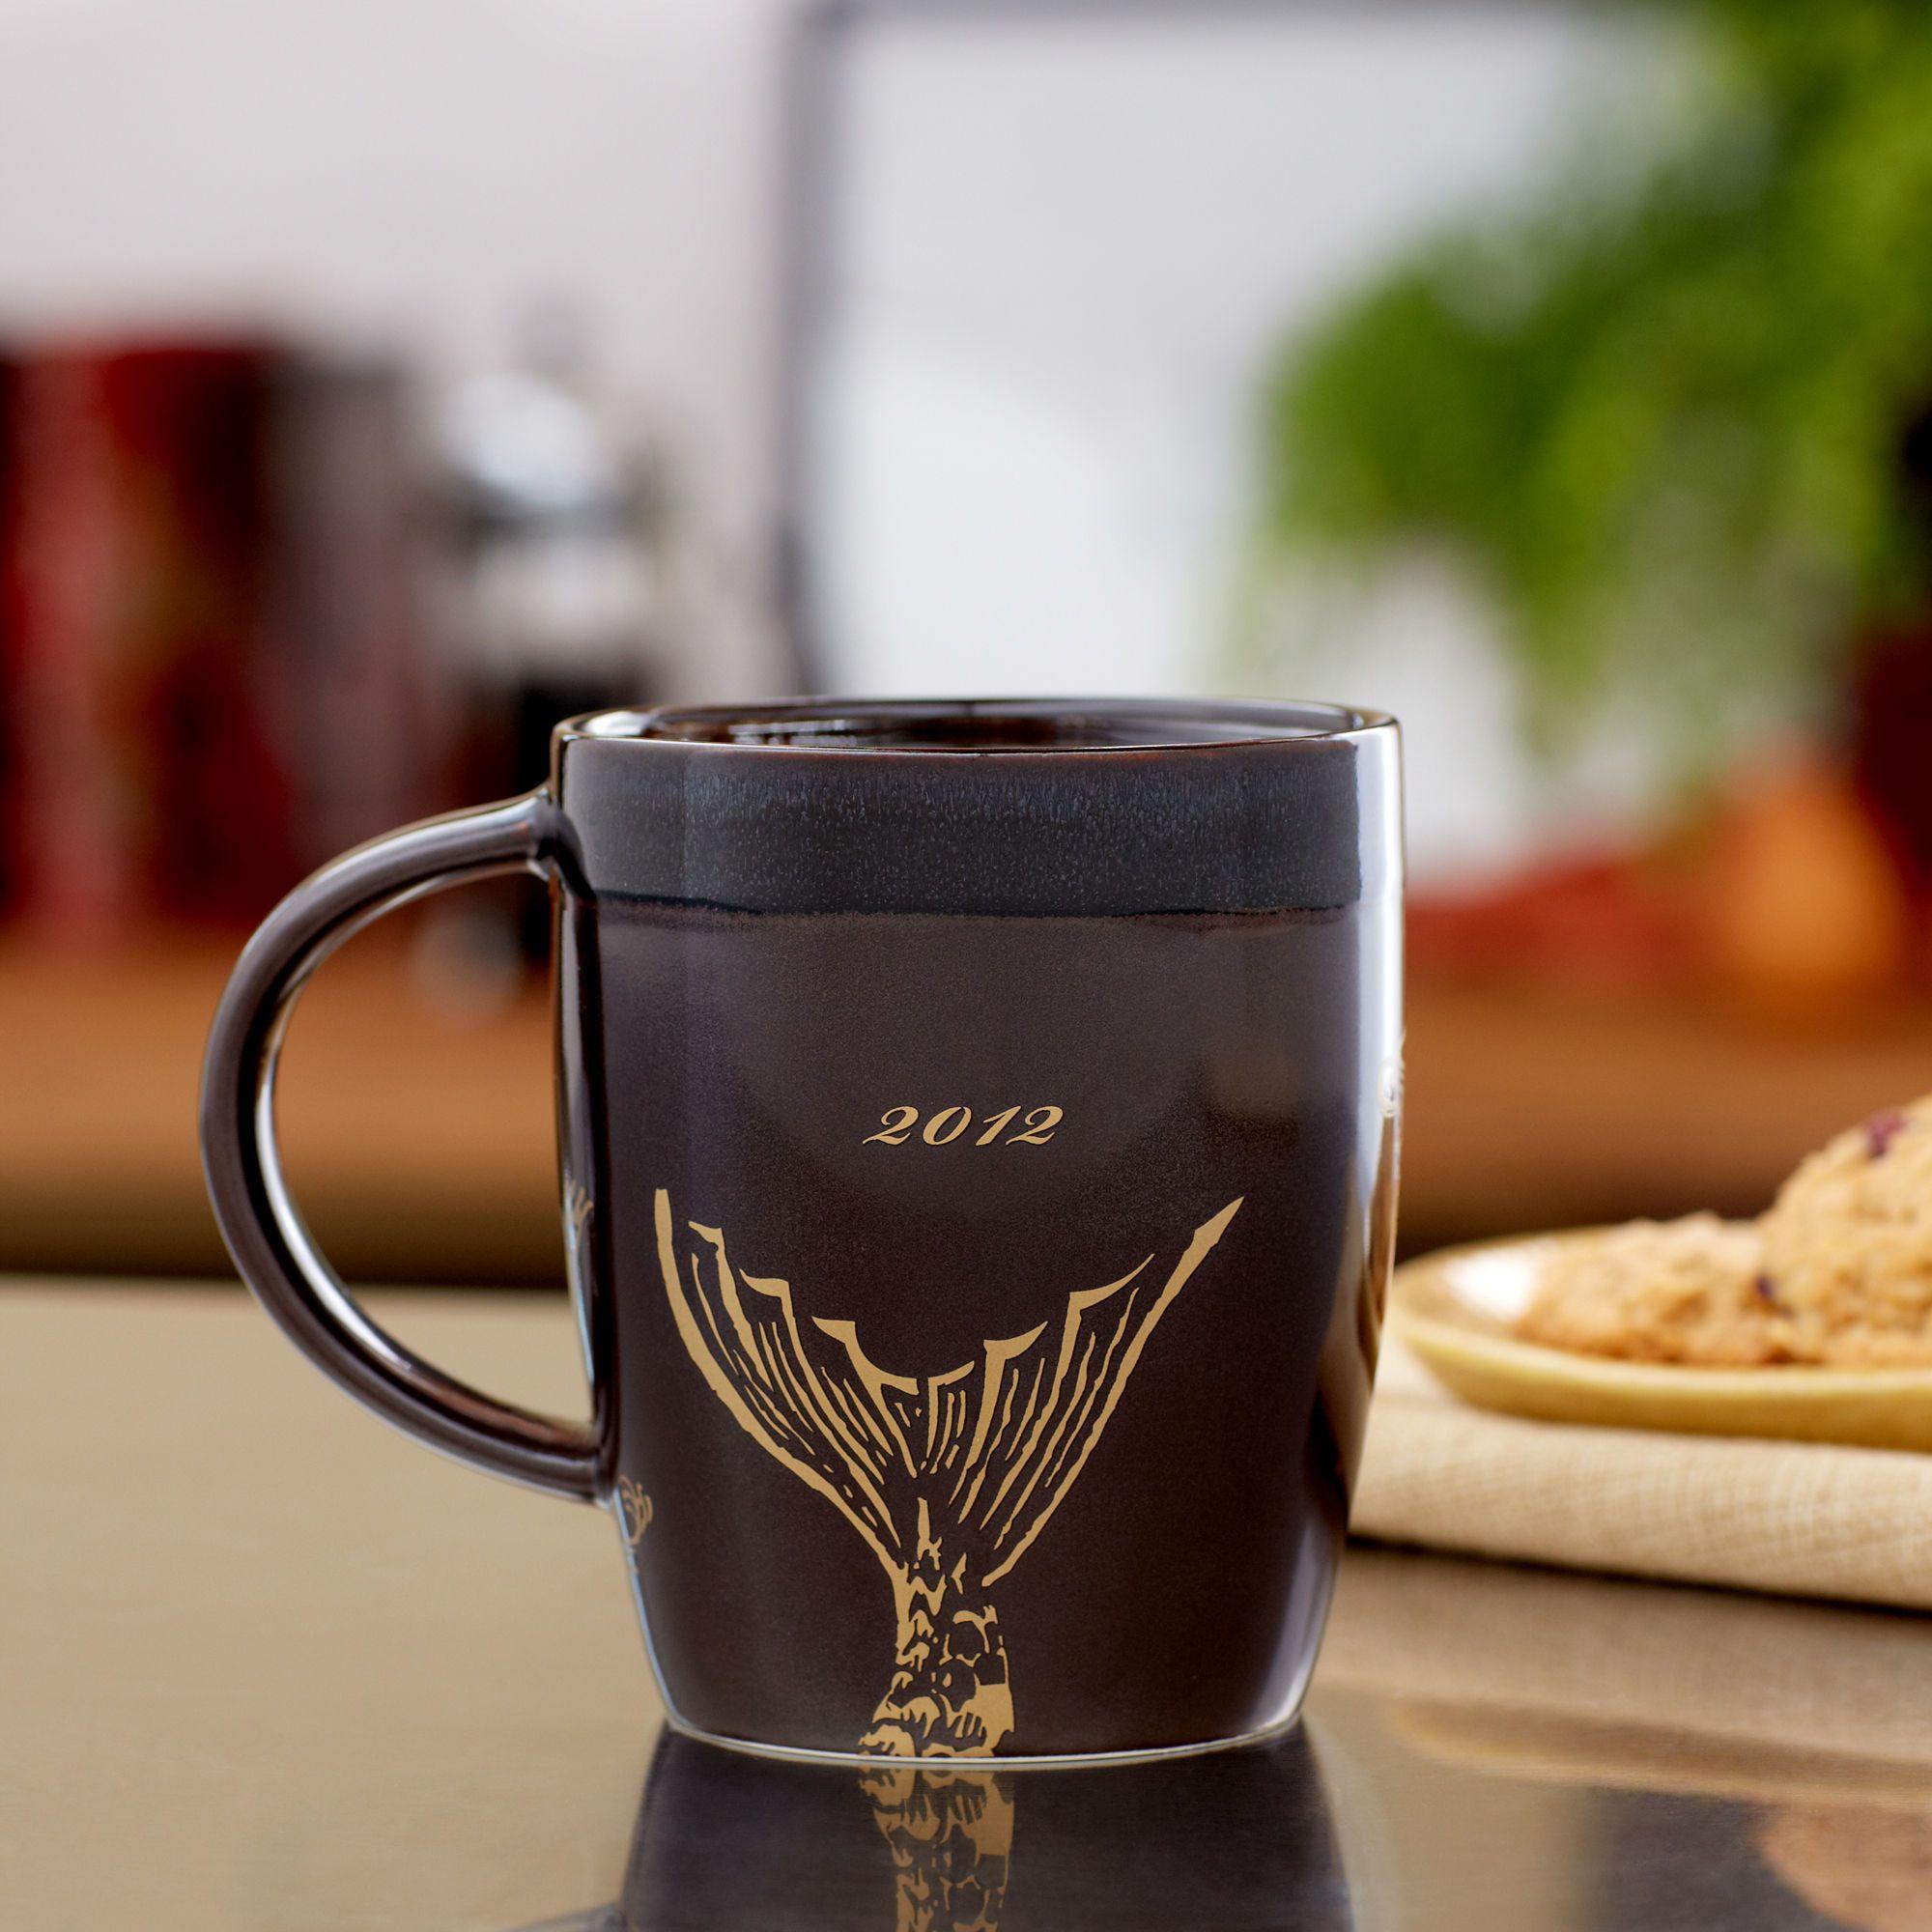 Starbucks® Anniversary Mug, 12 fl oz i want it